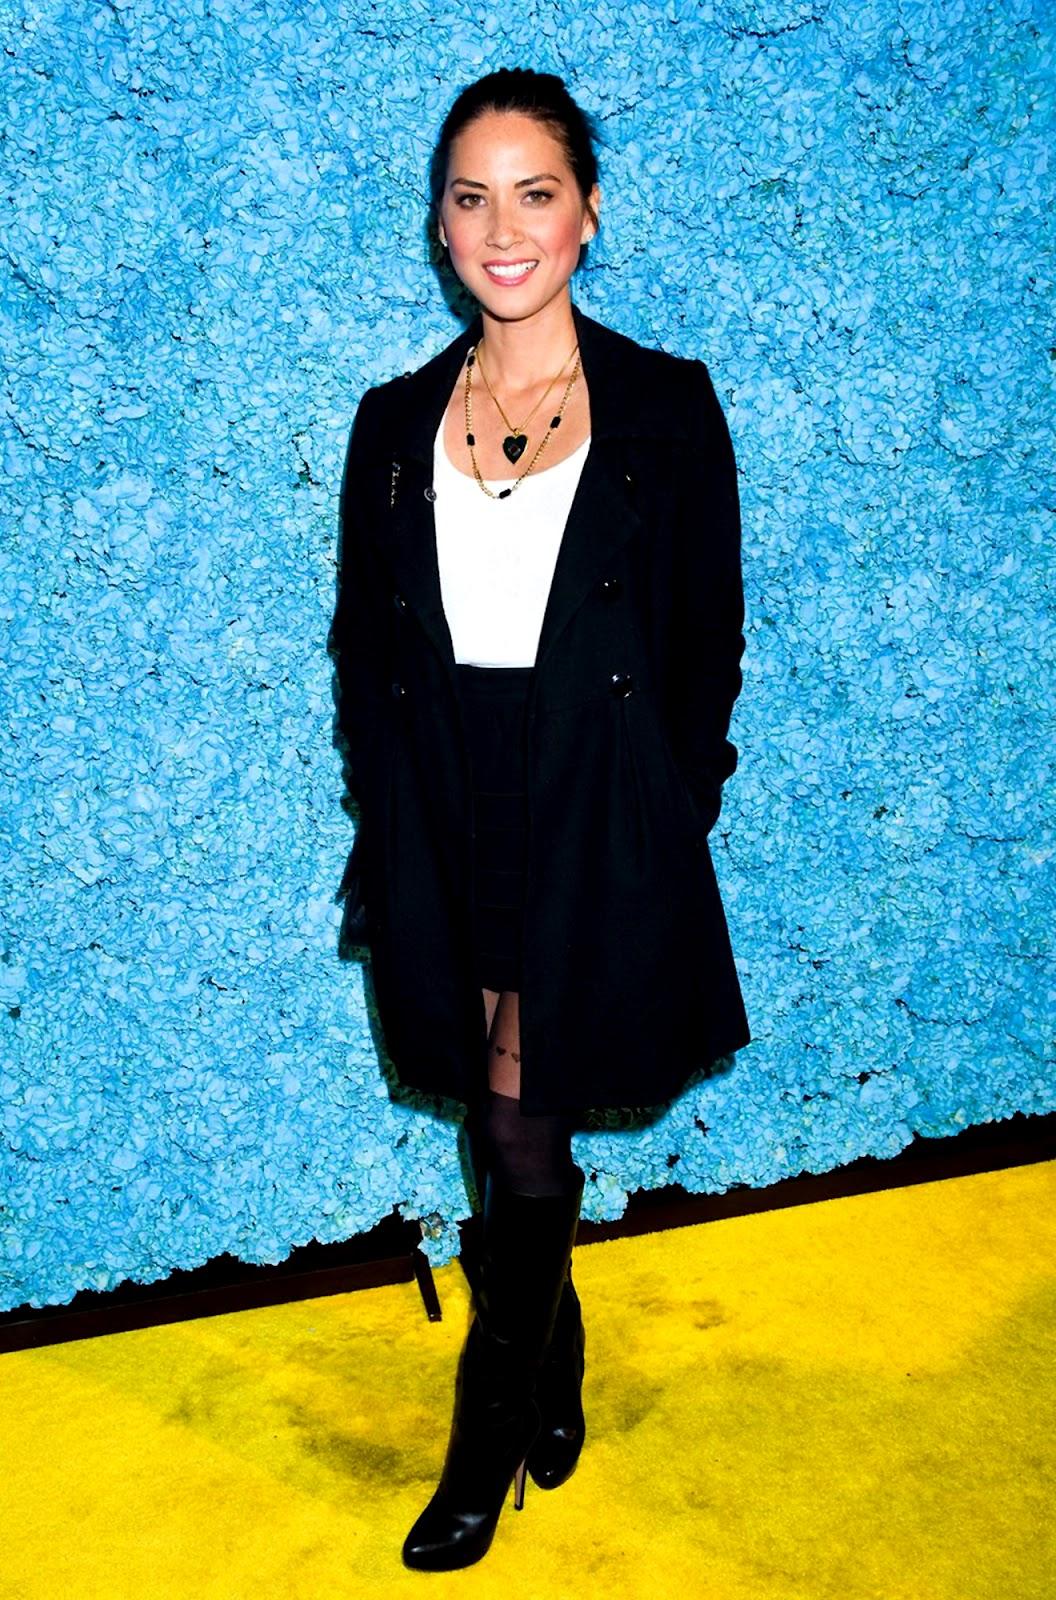 http://4.bp.blogspot.com/-qkgfBVZ4fx8/T6Zblvw1nNI/AAAAAAAAWqg/VSAevoDPGY0/s1600/Olivia+Munn+-+Just+Jared%2527s+30th+birthday+party+%2540+Pink+Taco%252C+LA+-+230312_003.jpg